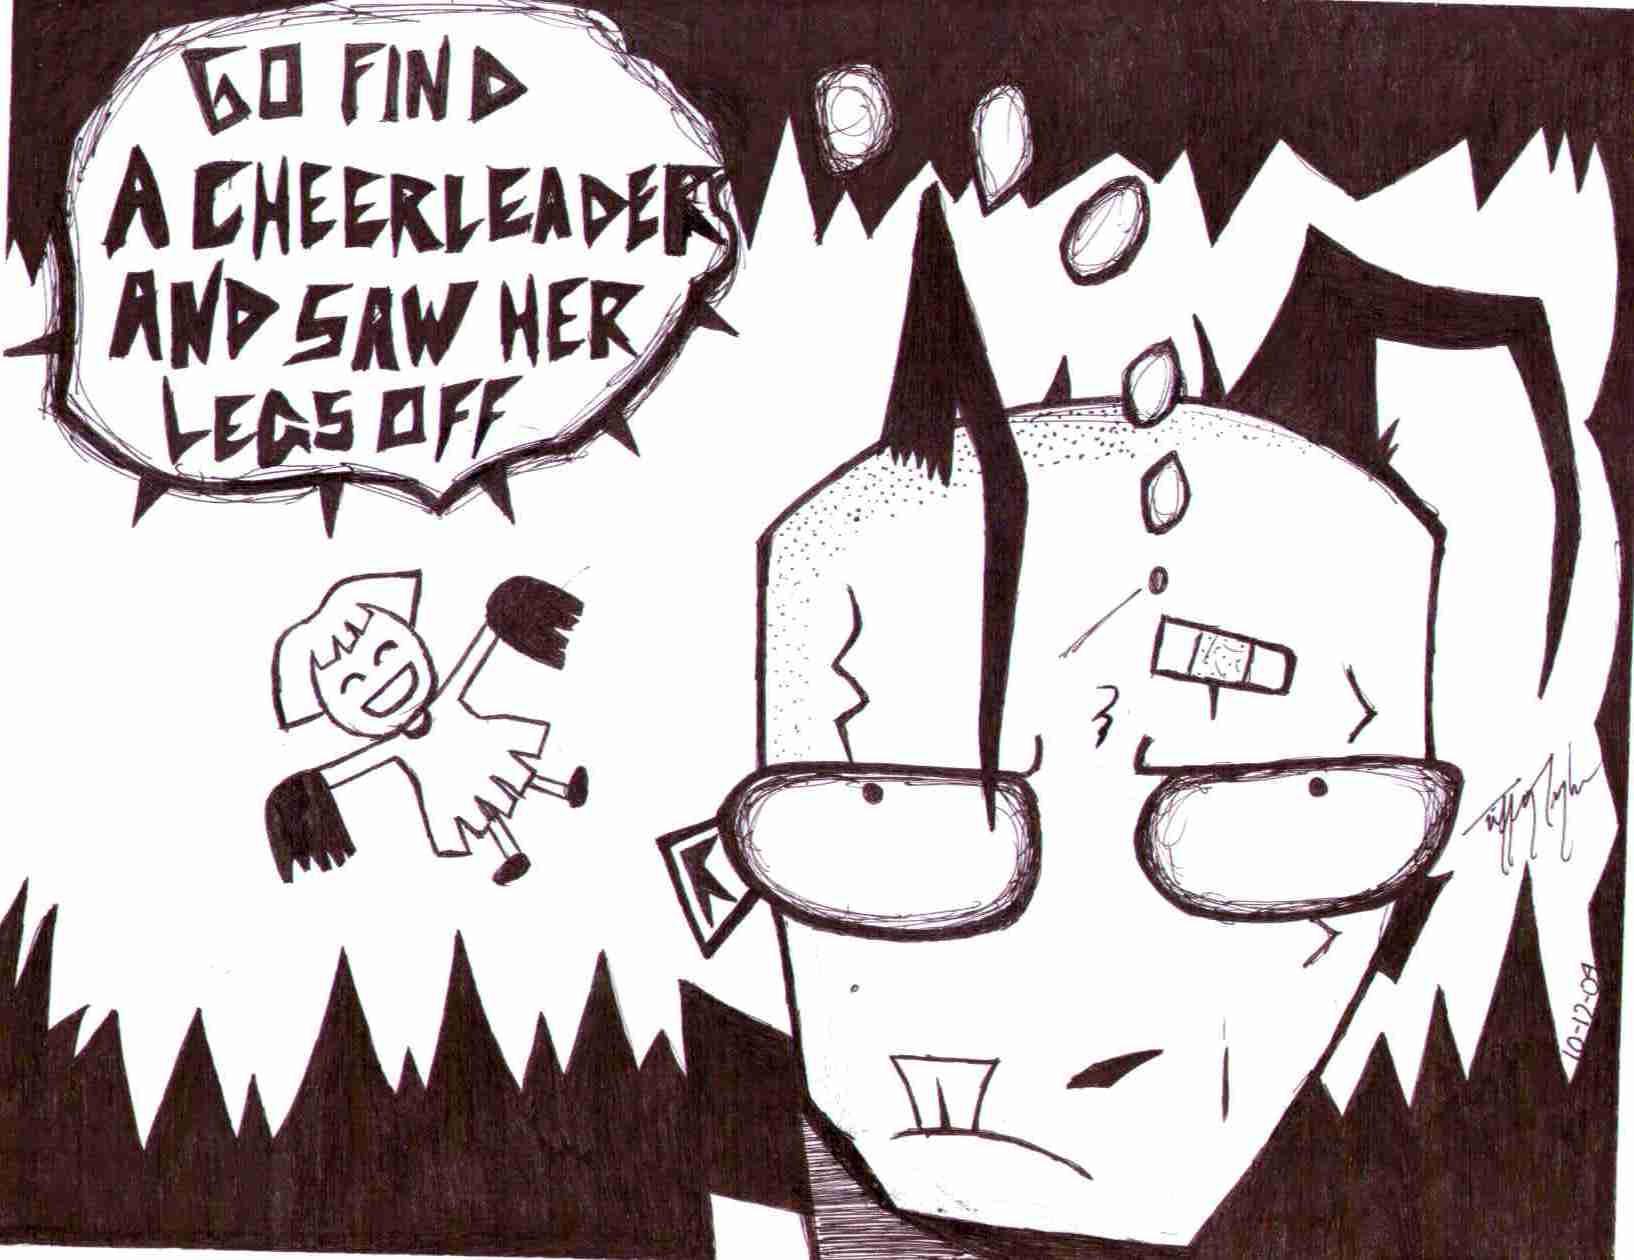 OOooh...a CHEERLEADER by InkMunkY